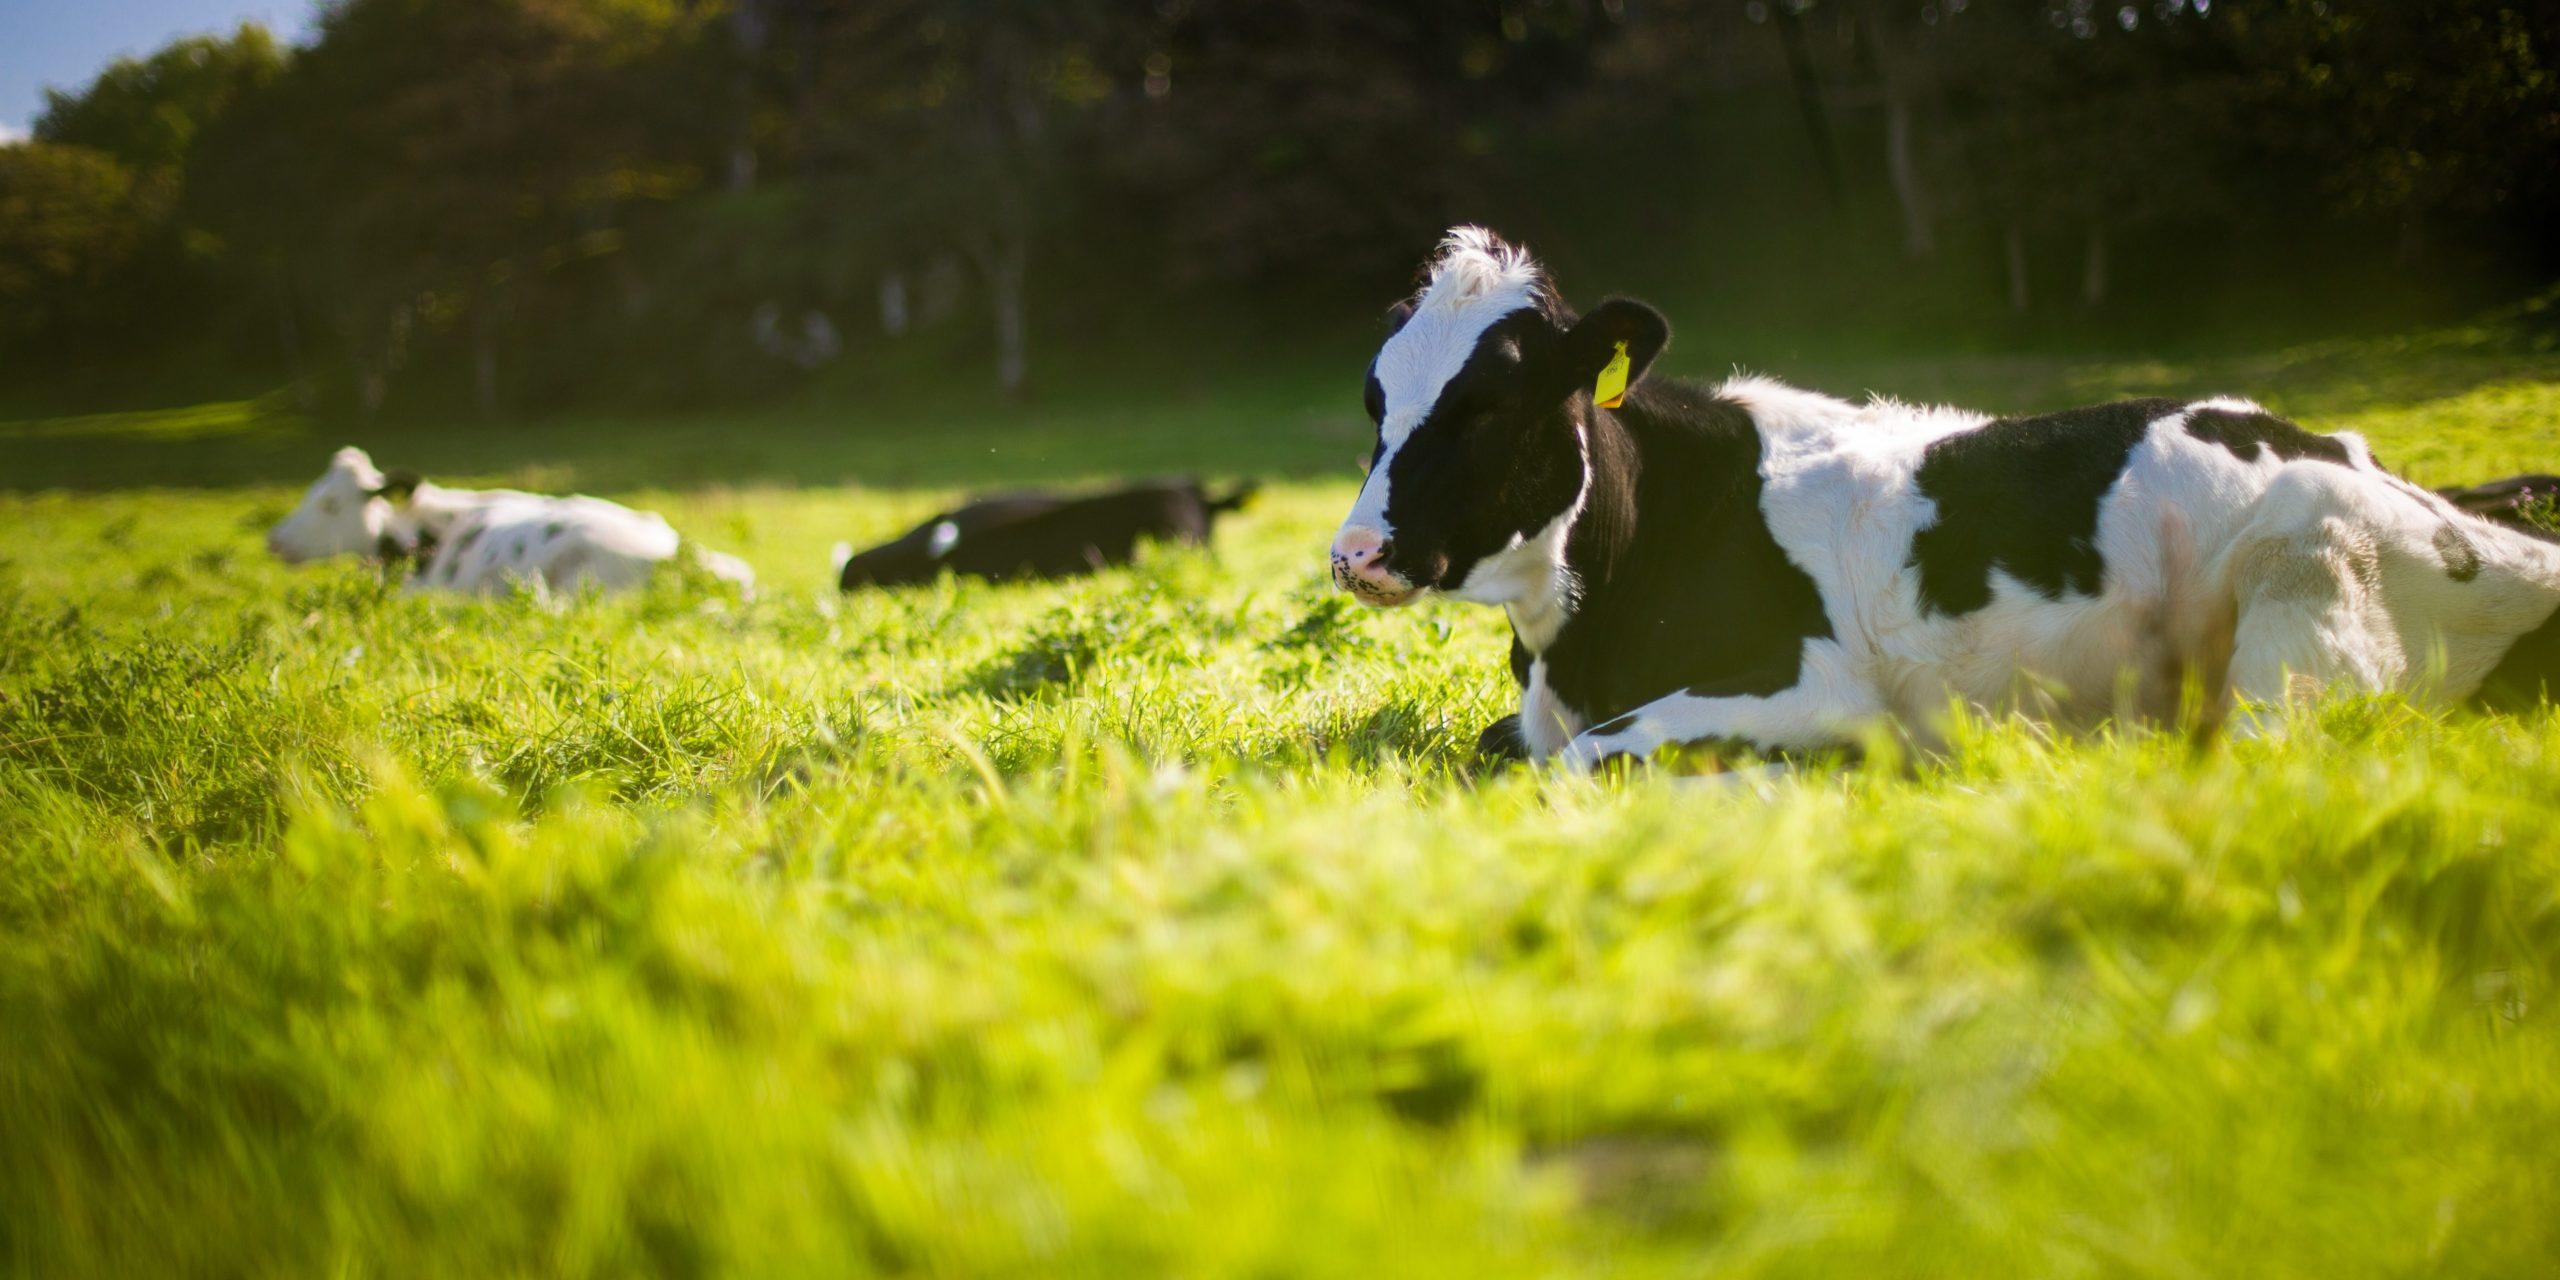 В России создали искусственный интеллект для повышения удоя коров